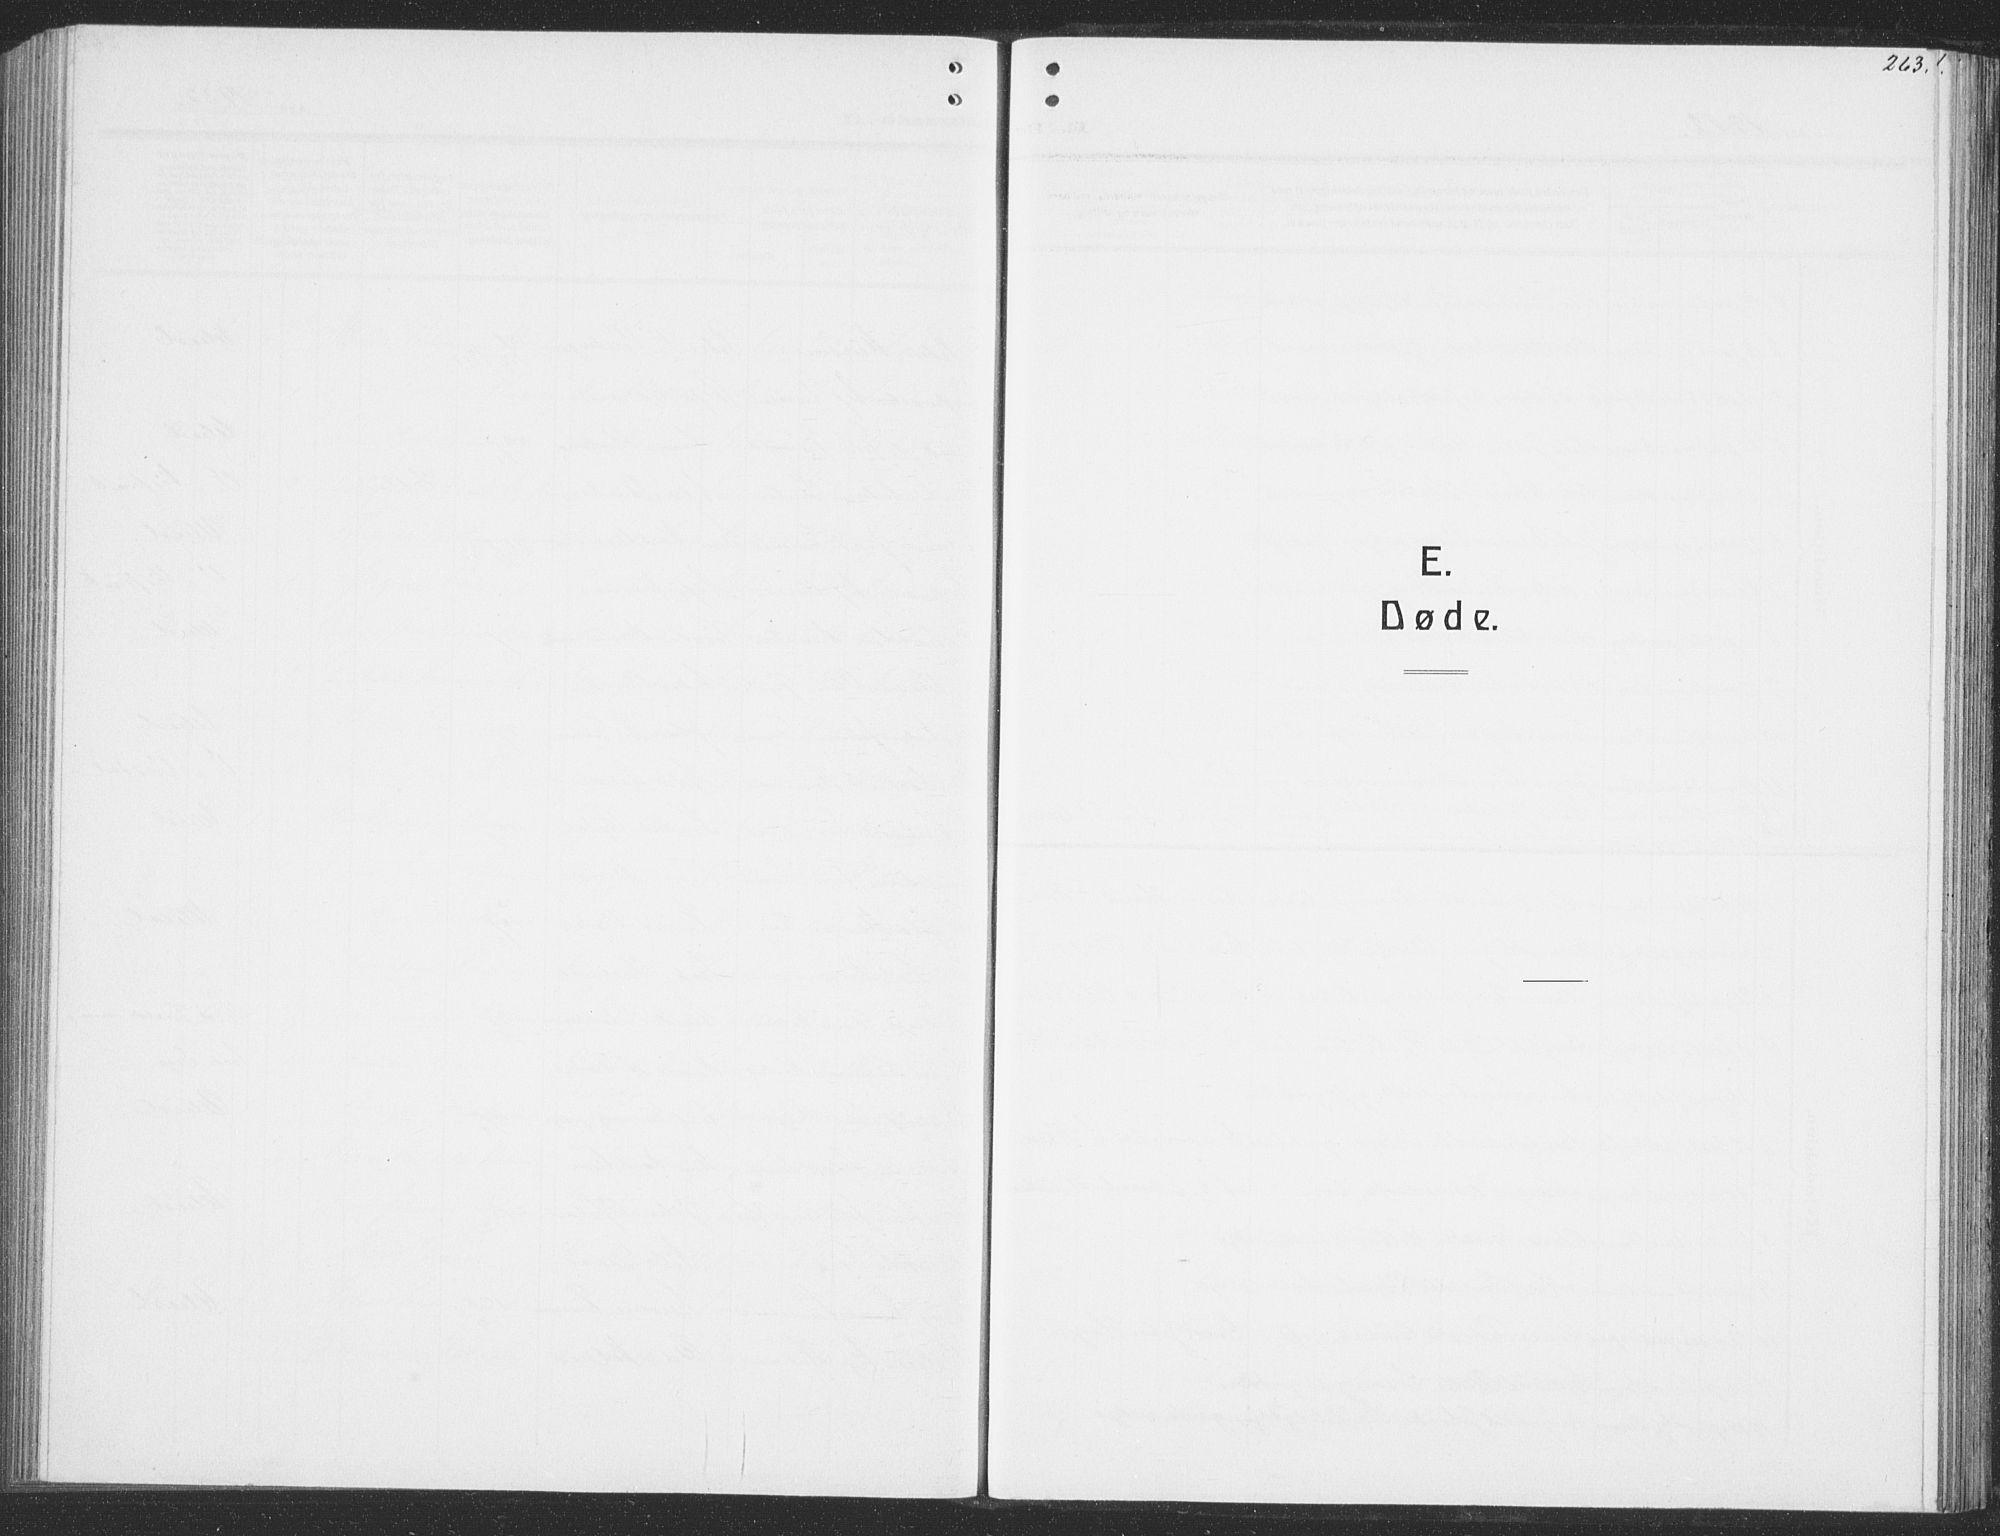 SAT, Ministerialprotokoller, klokkerbøker og fødselsregistre - Sør-Trøndelag, 691/L1095: Klokkerbok nr. 691C06, 1912-1933, s. 263